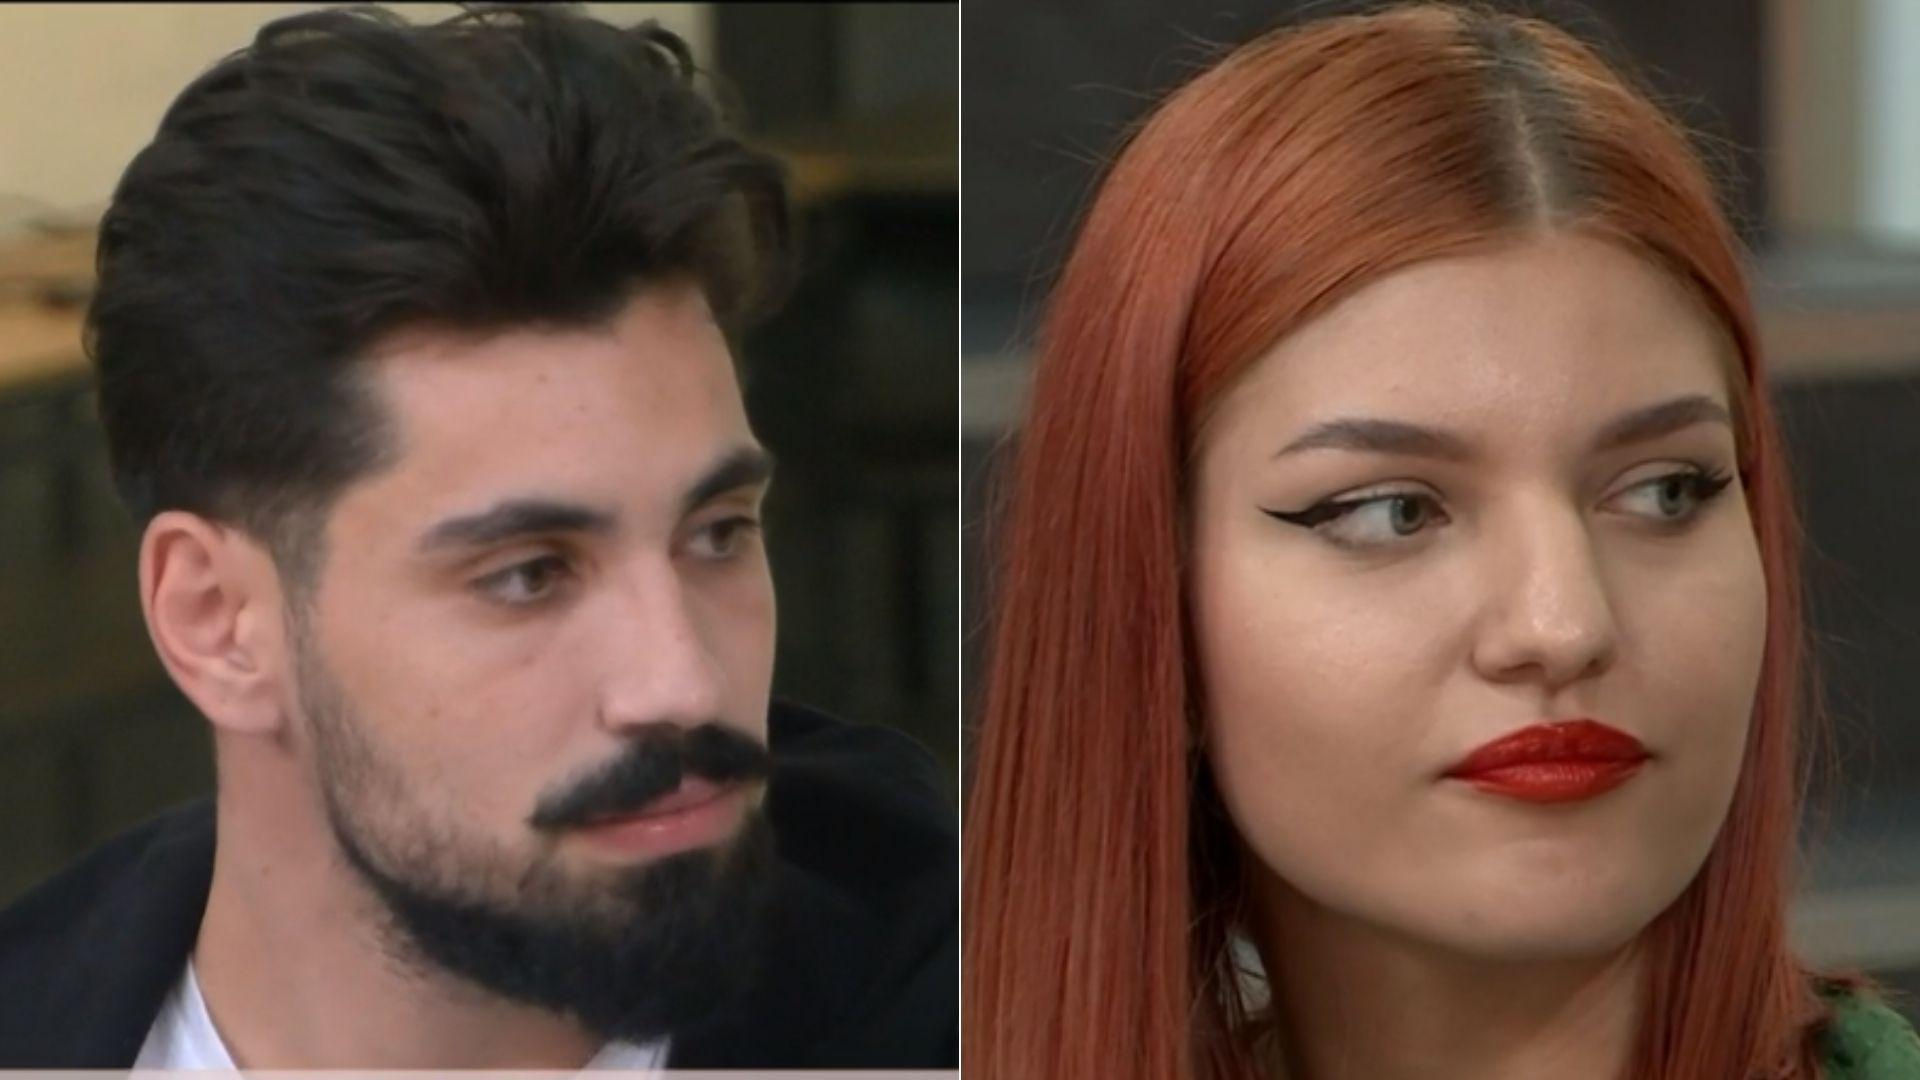 Mireasa sezon 4, 16 septembrie 2021. Ana și Alexandru au avut un date, în urma căruia băiatul a hotărât să se focuseze pe ea